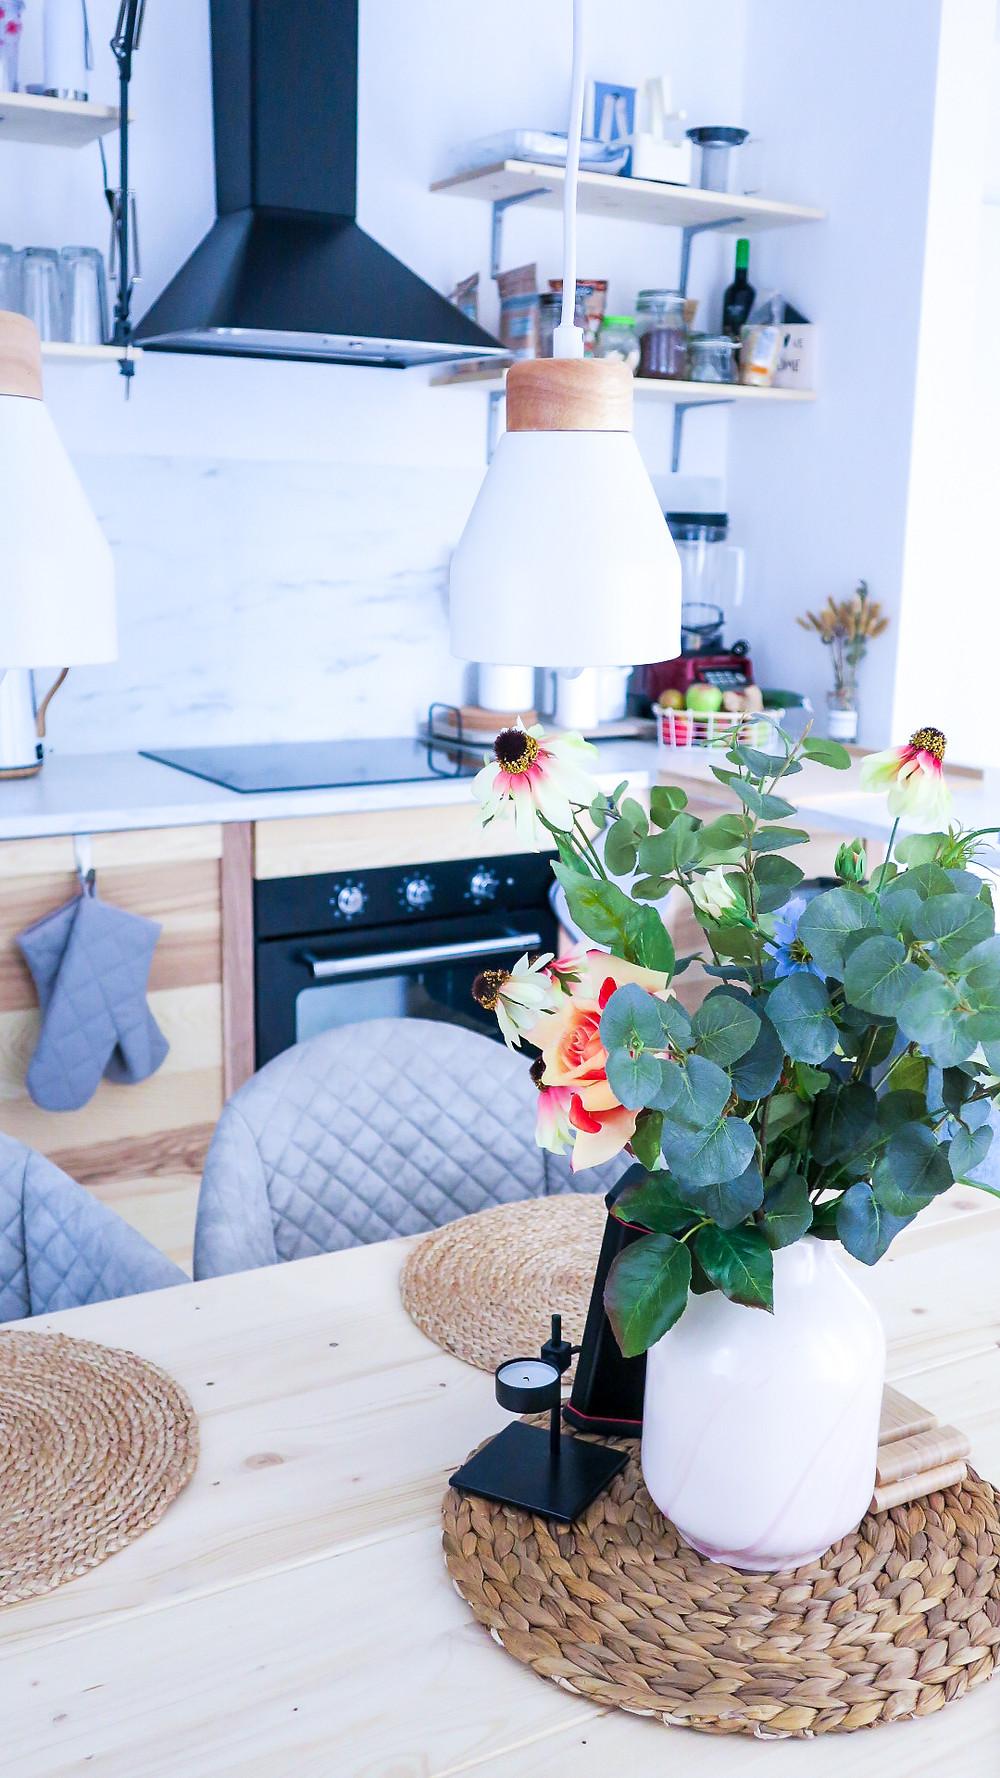 Willkommen in unserer Küche